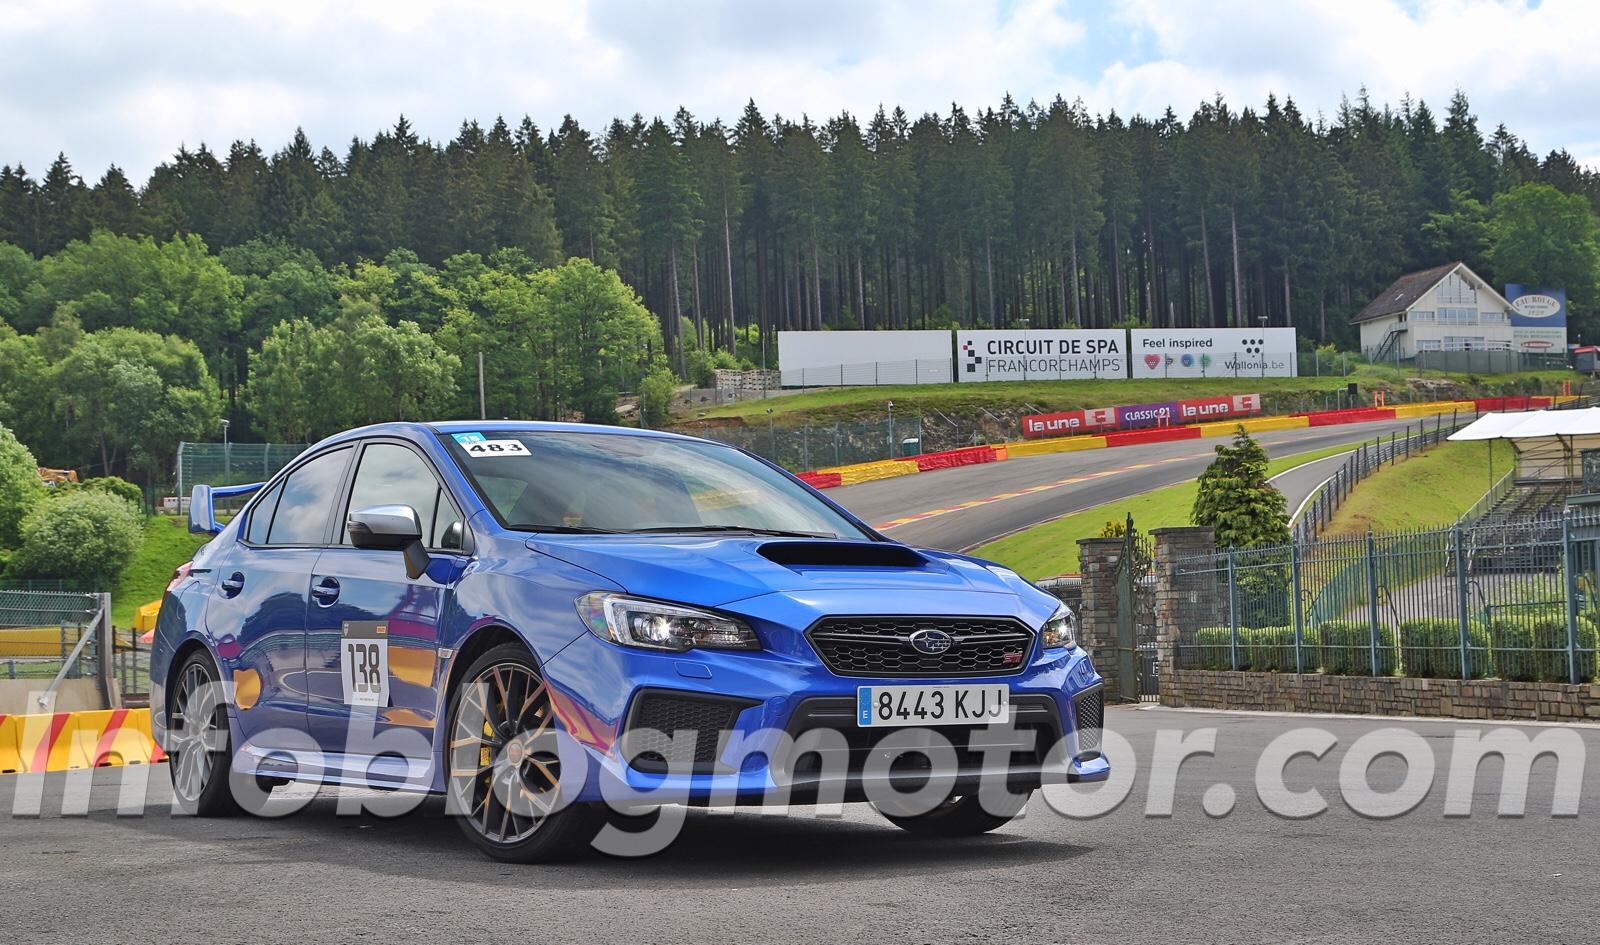 Para Subaru Impreza 2.0 2.5 WRX Delantero Perforado Discos De Freno Y Pastillas de freno Brembo